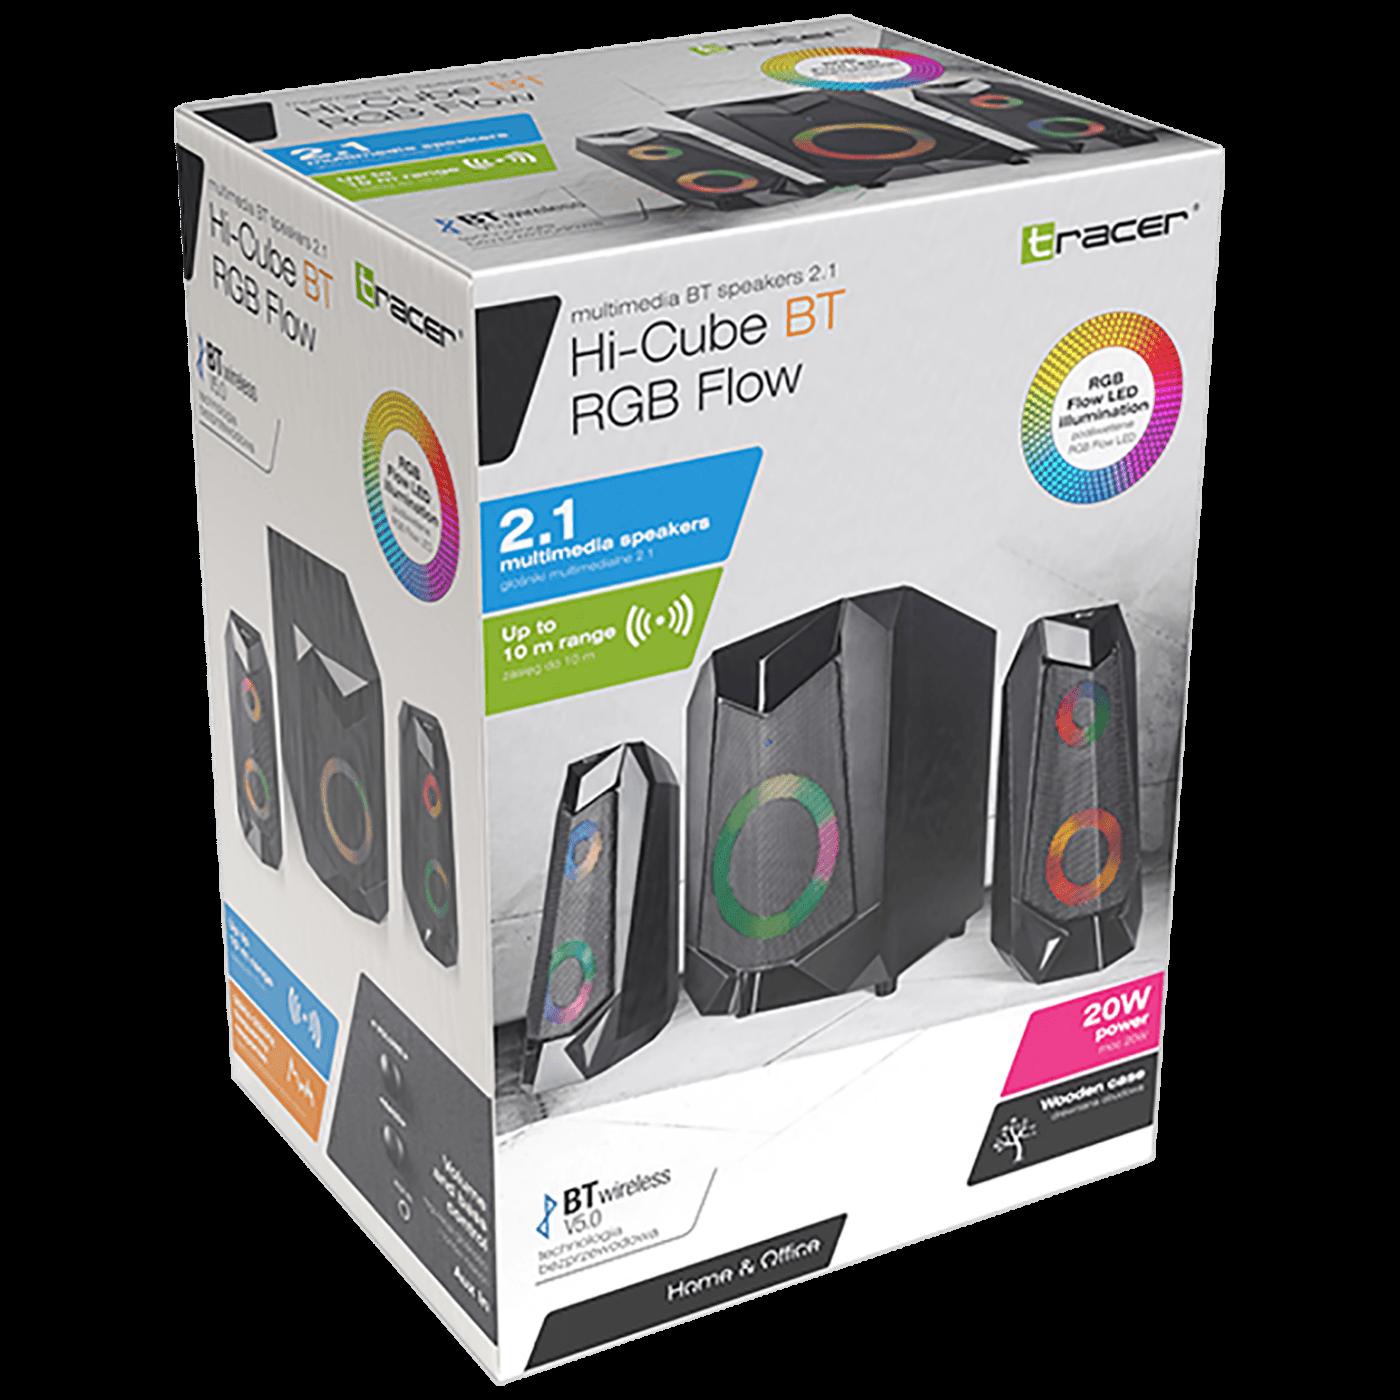 Zvučnici 2.1 sa RGB osvjetljenjem, Bluetooth